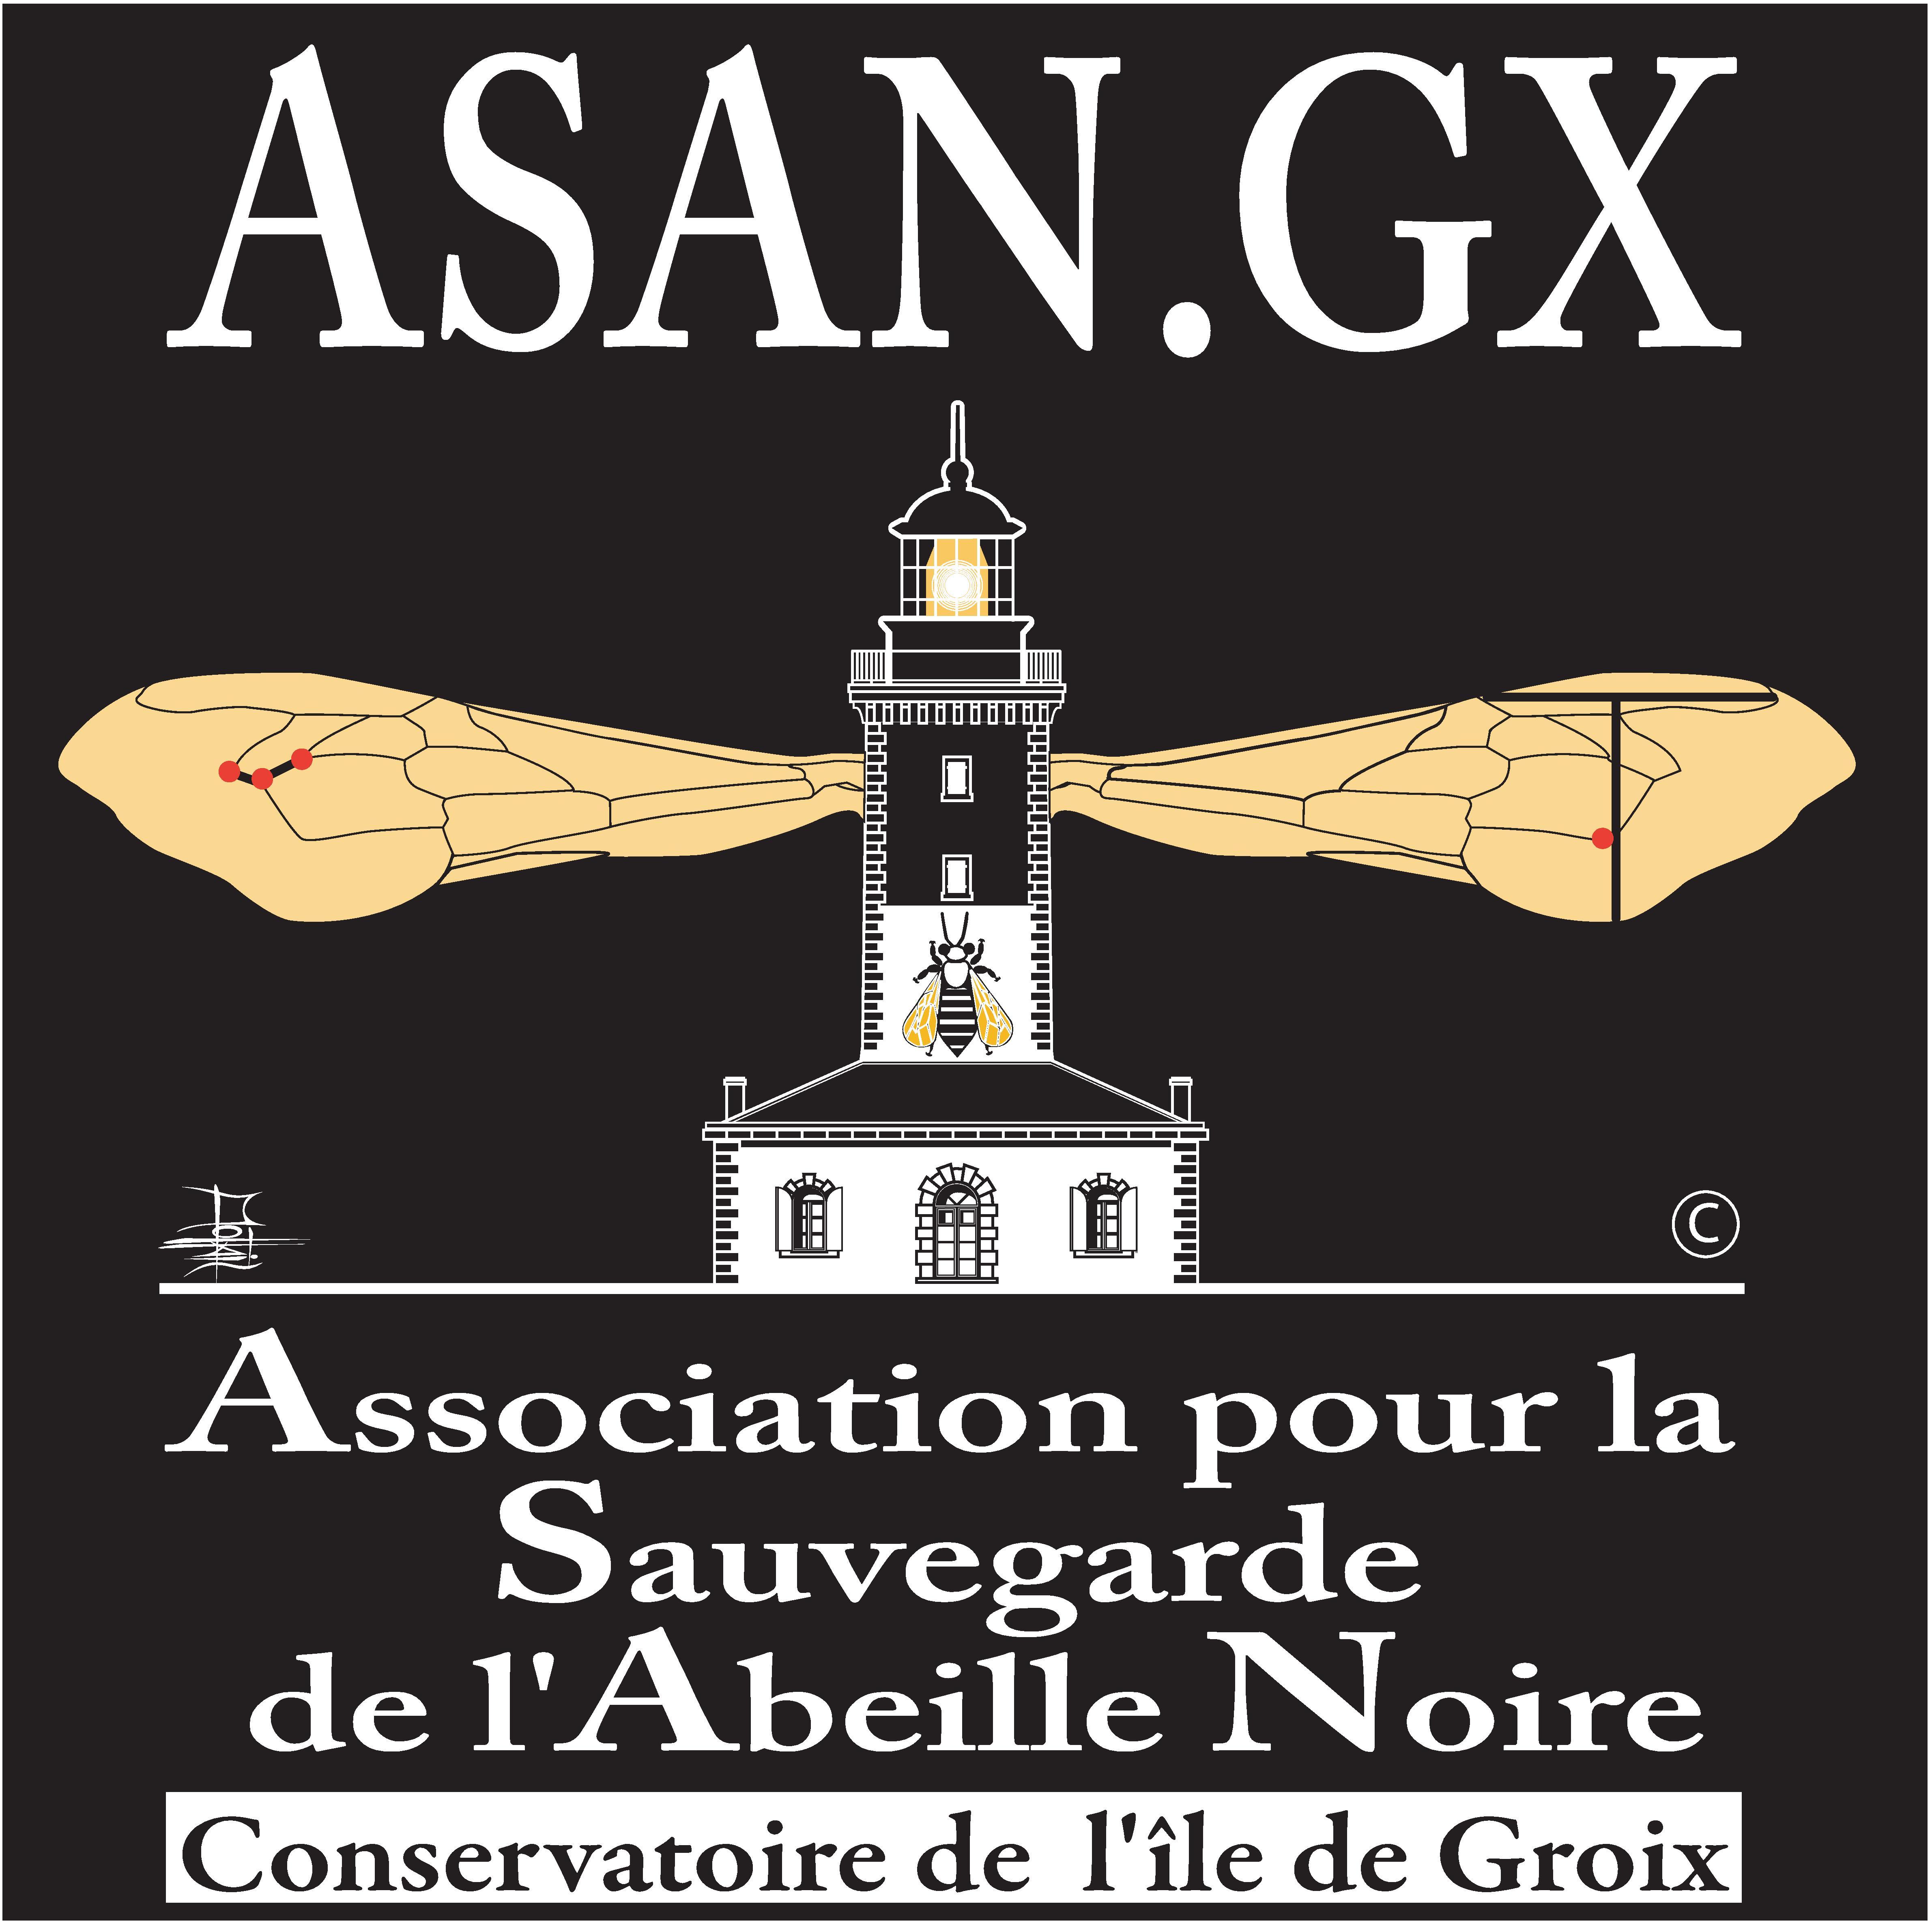 logo-conservatoire-ile-de-groix-asangx